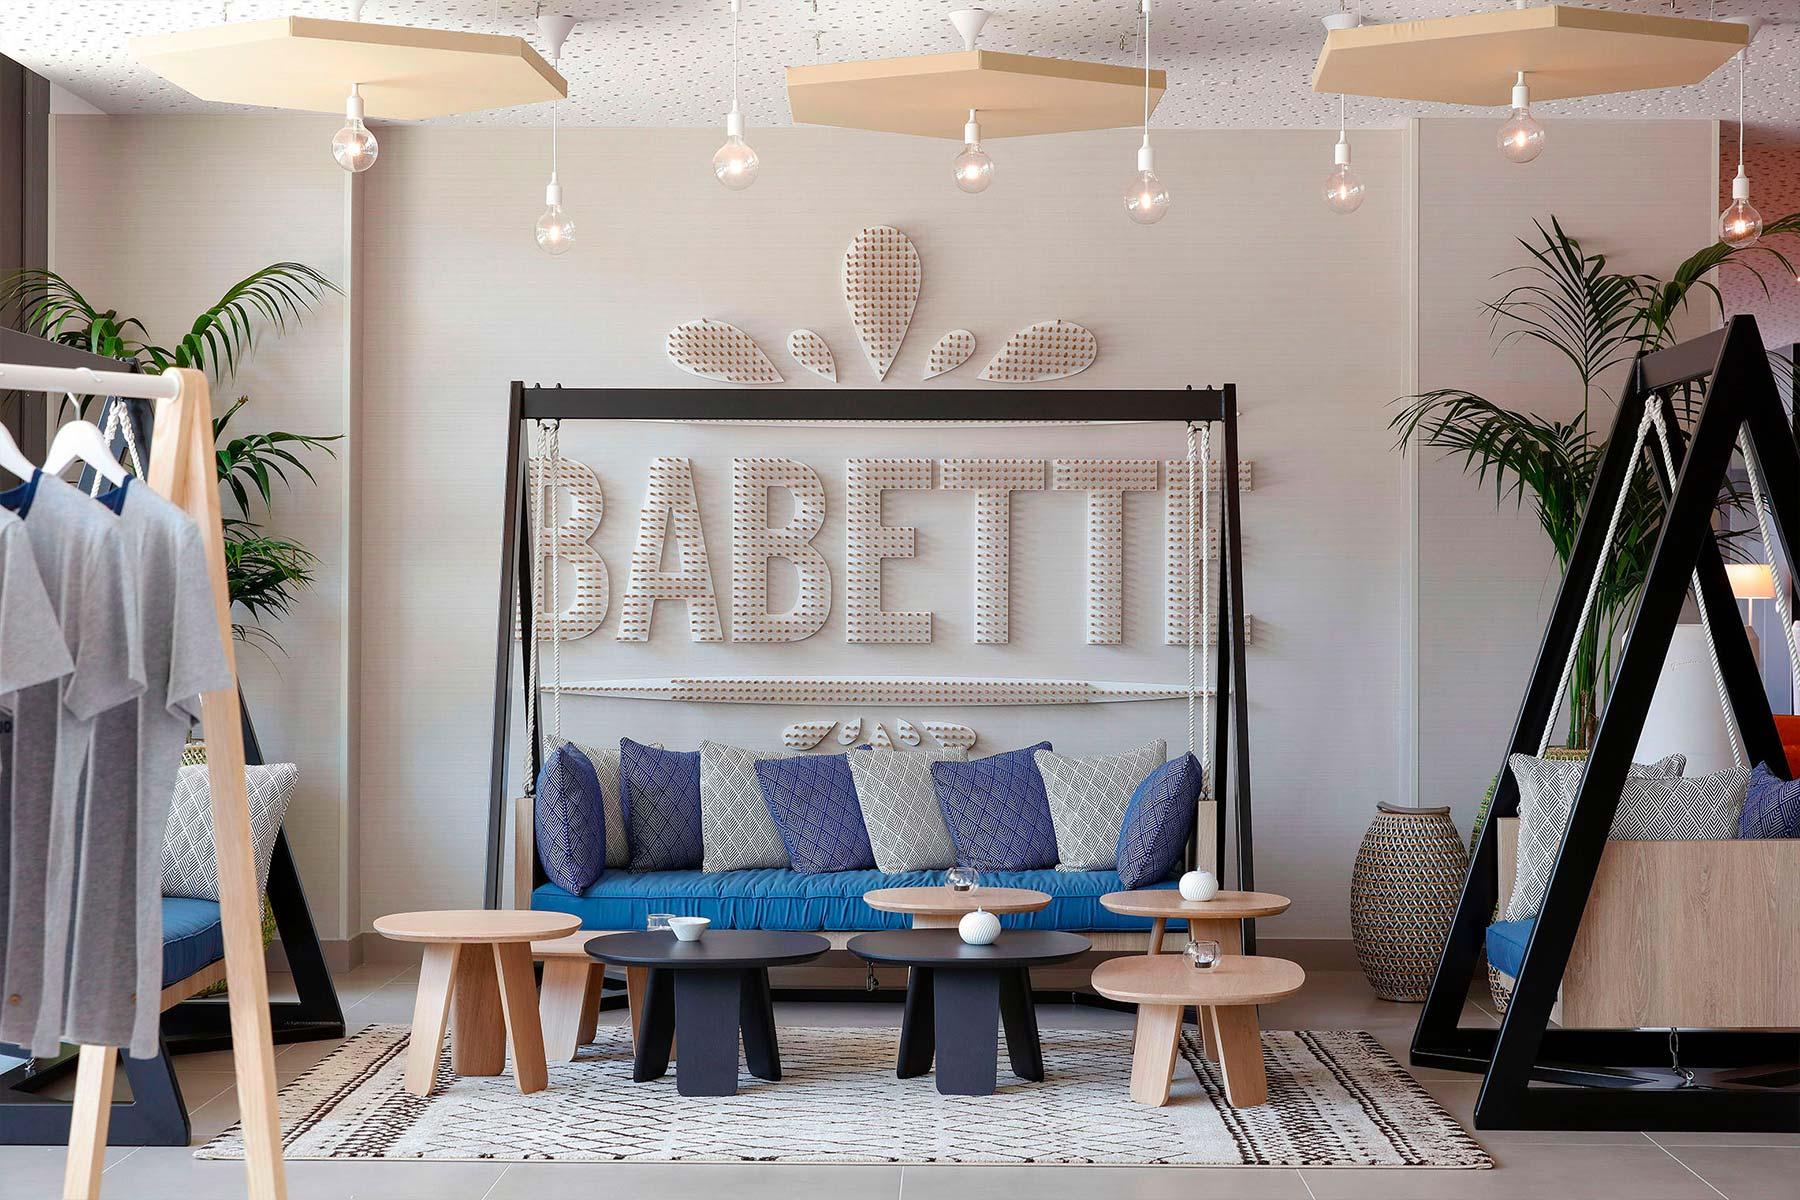 Babette Concept Store - Café - Hôtel Restaurant Bordeaux